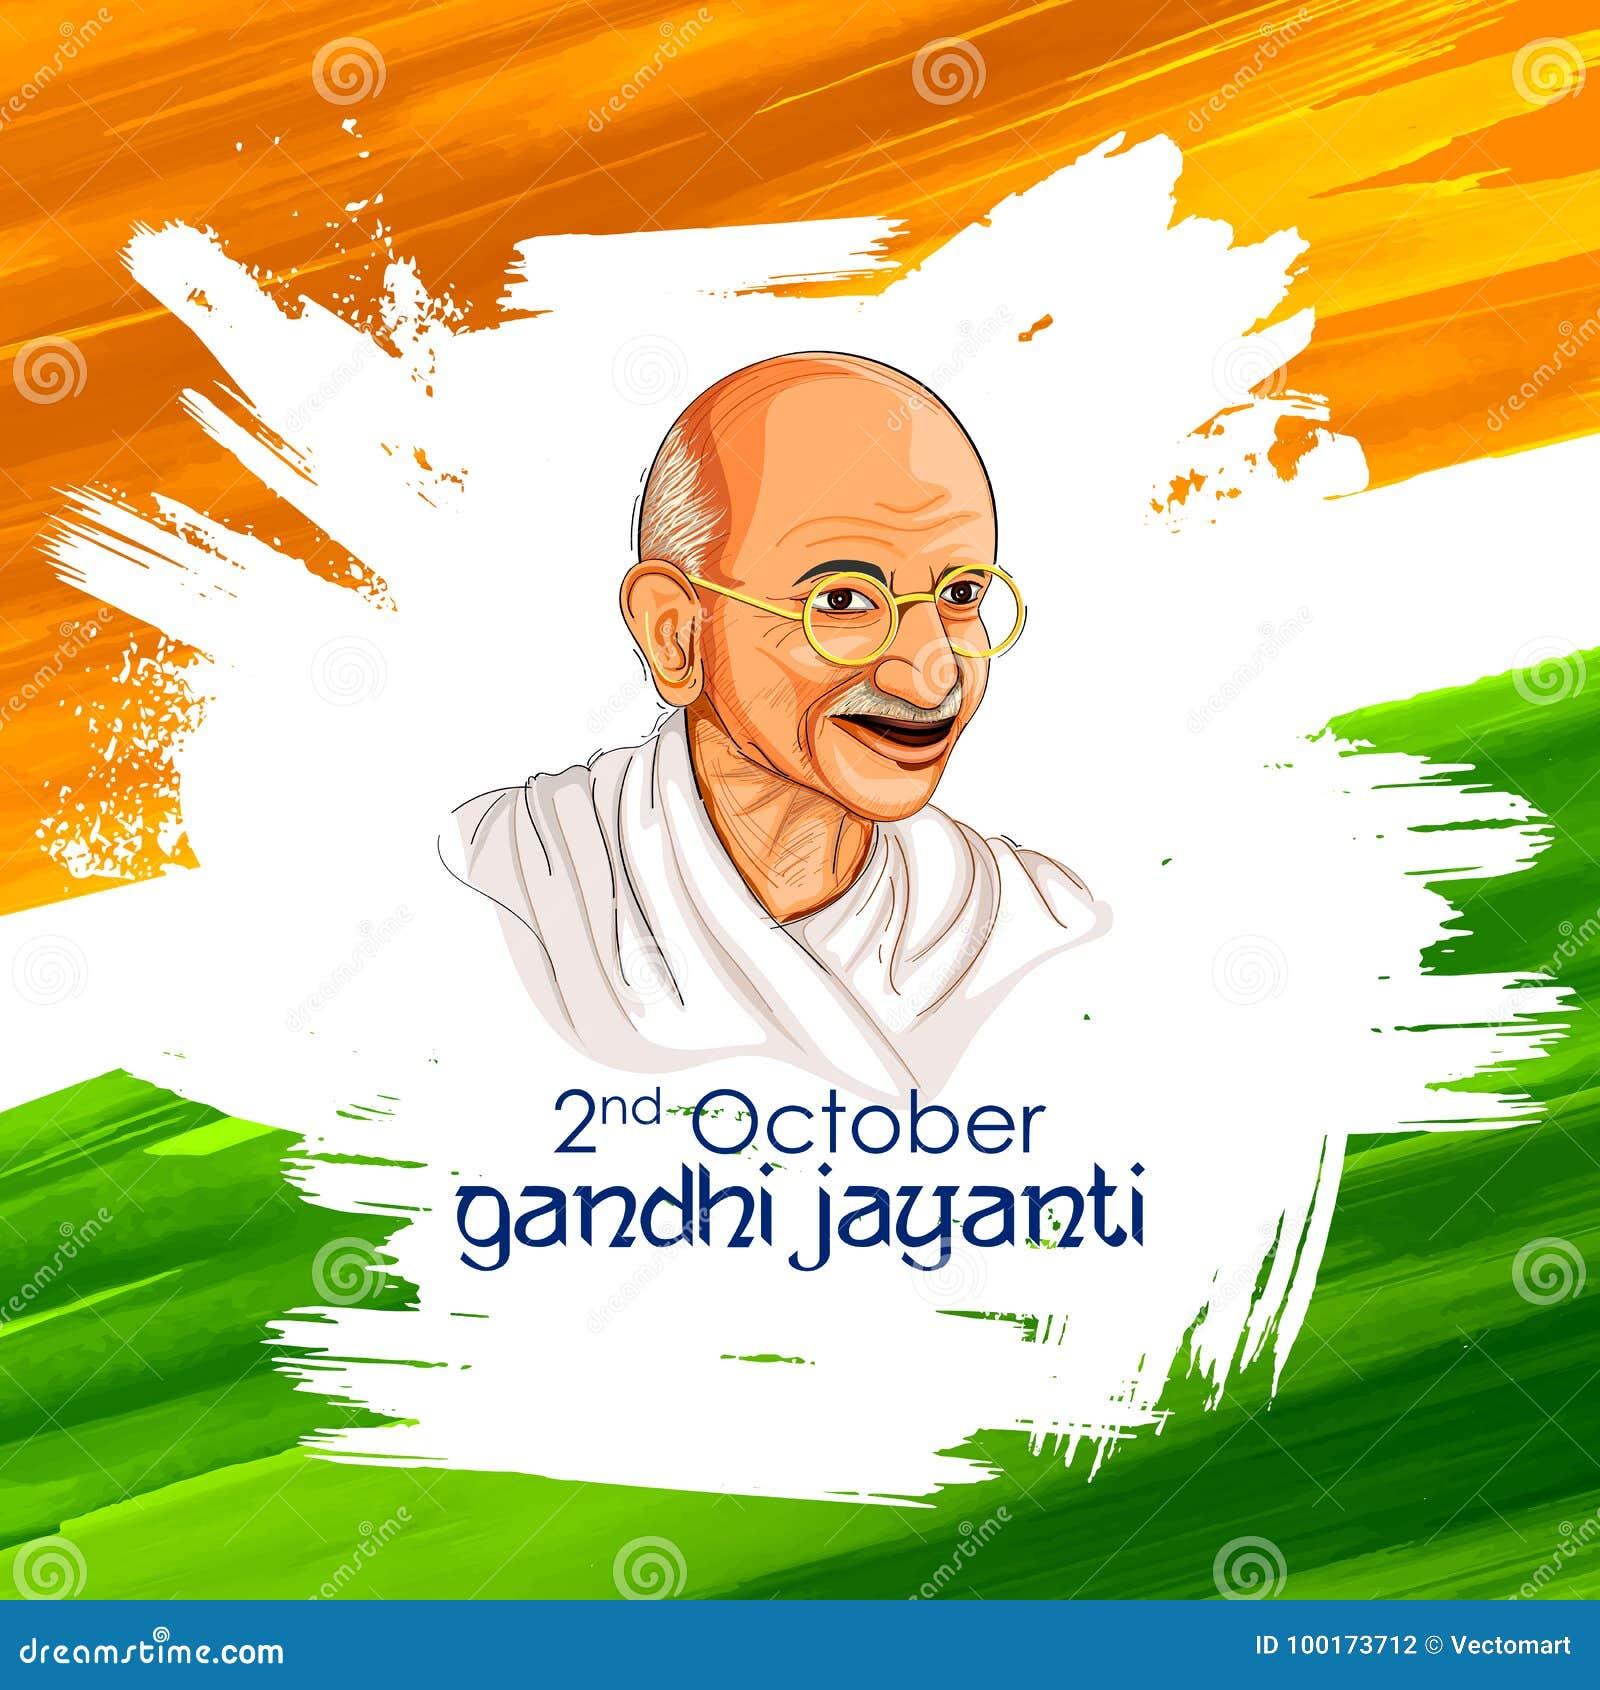 De achtergrond van India voor 2 de Verjaardagsviering van Oktober Gandhi Jayanti van Mahatma Gandhi